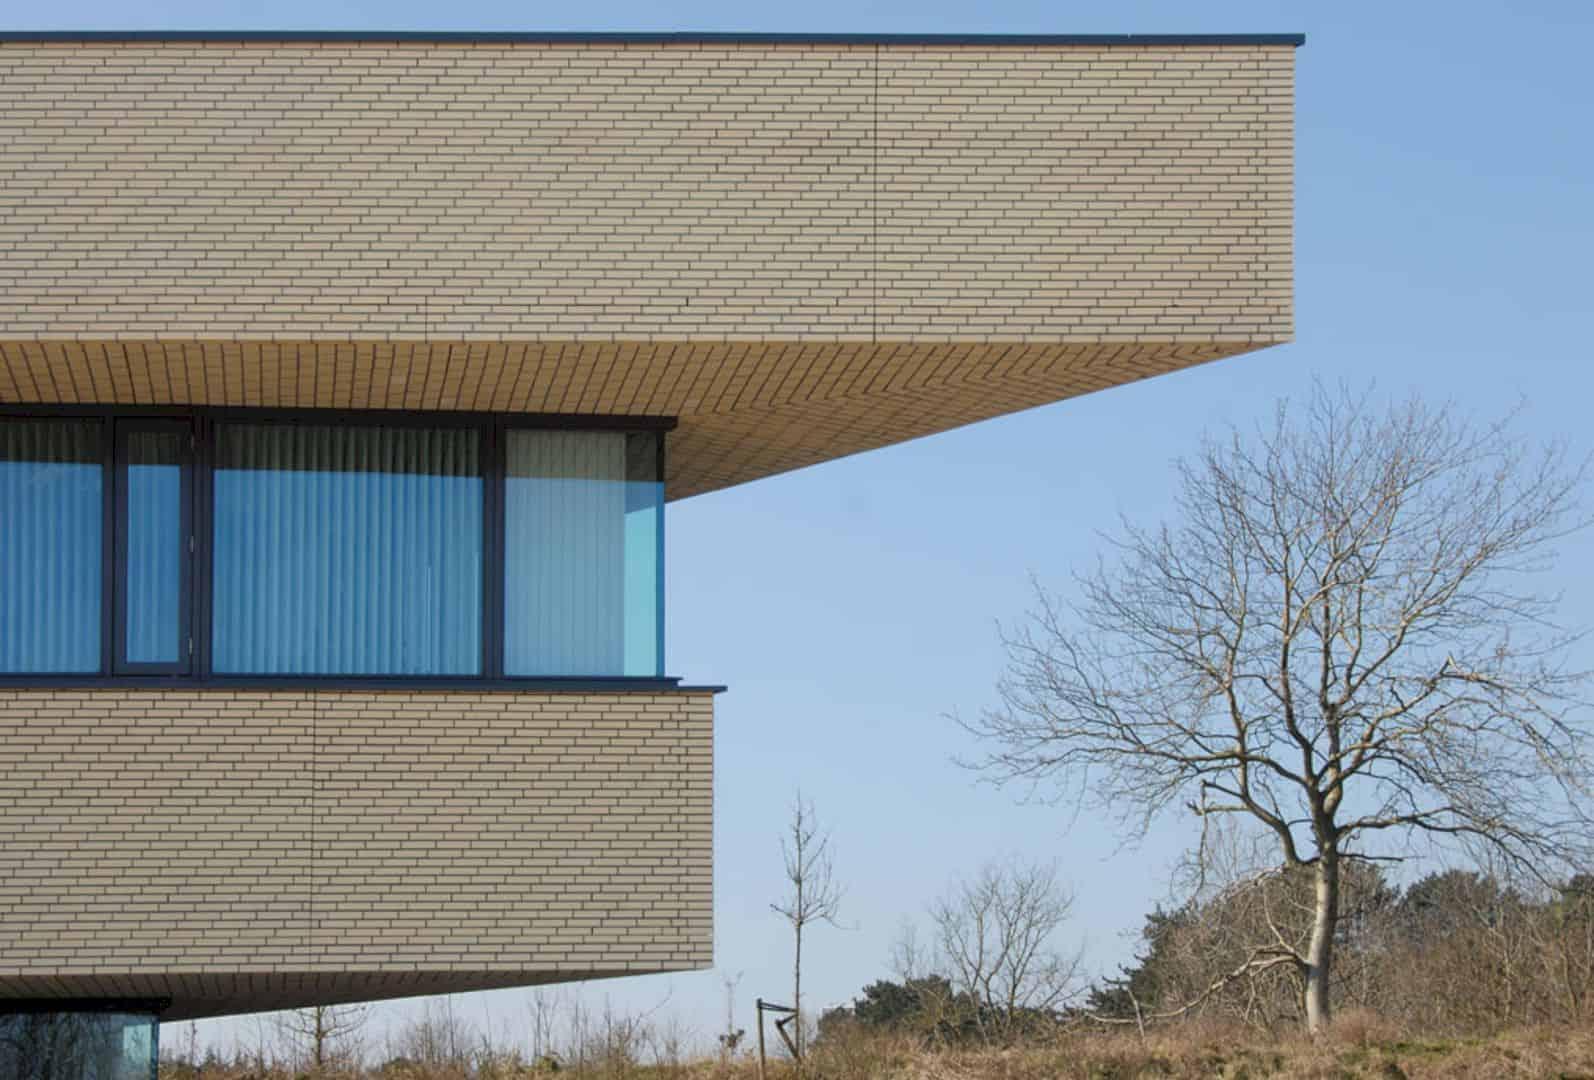 Fire Station Zandvoort By Jeanne Dekkers Architectuur 6